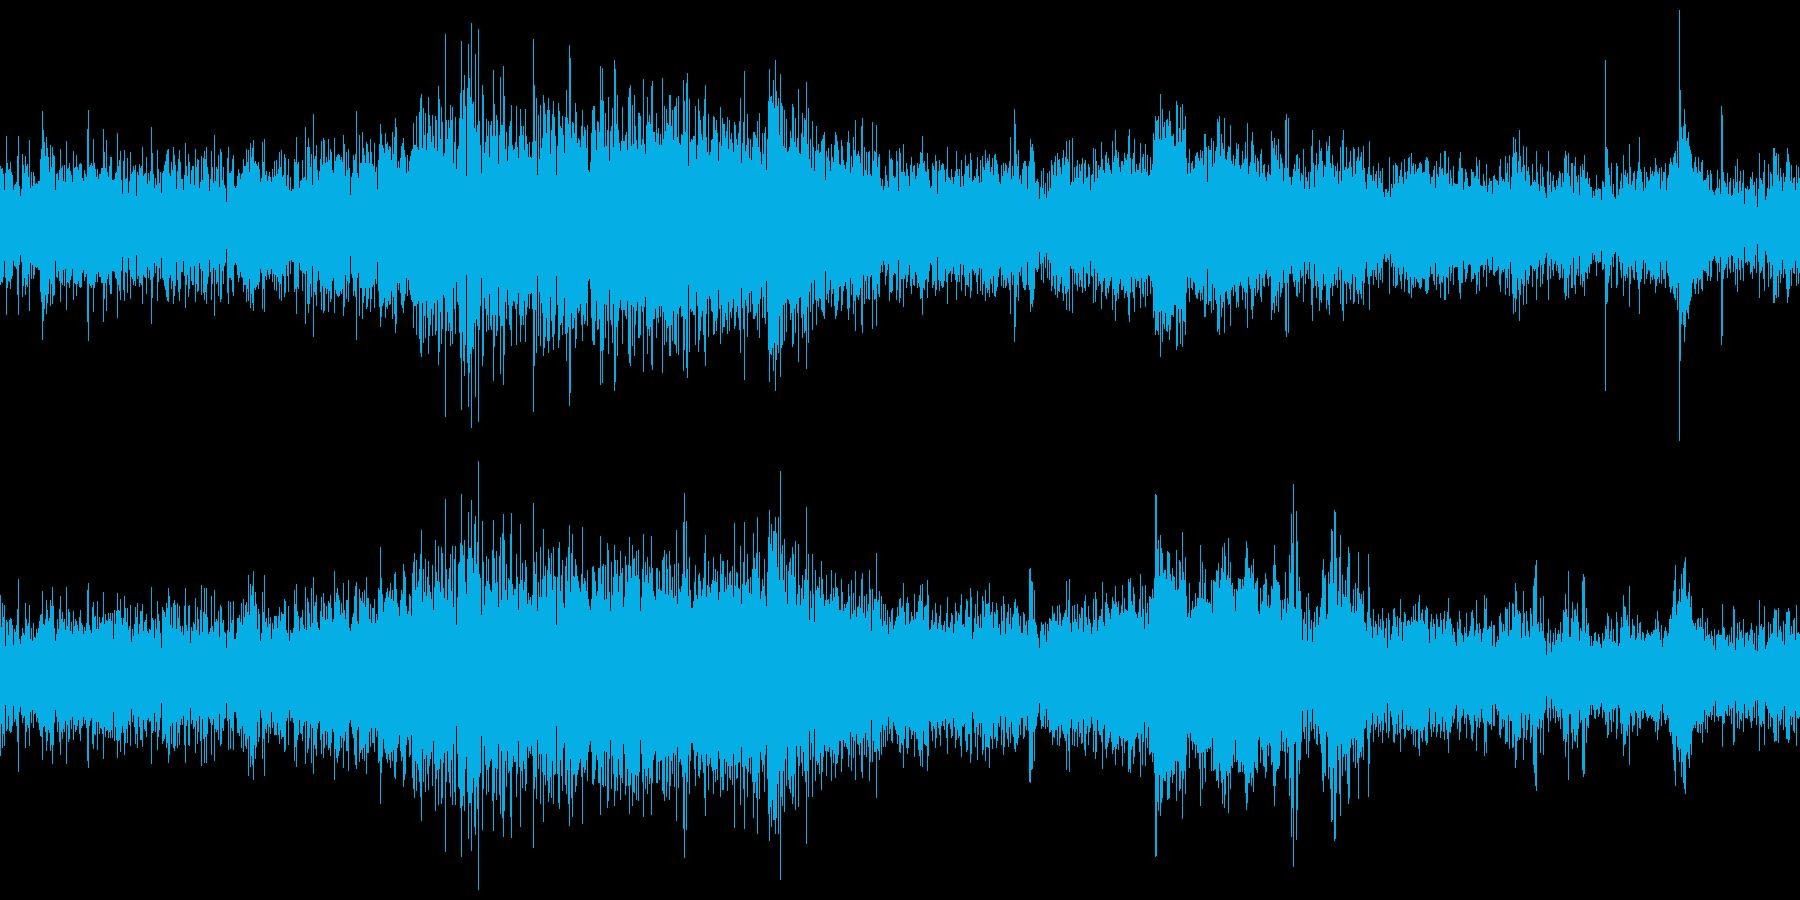 地下鉄通路(環境音)の再生済みの波形